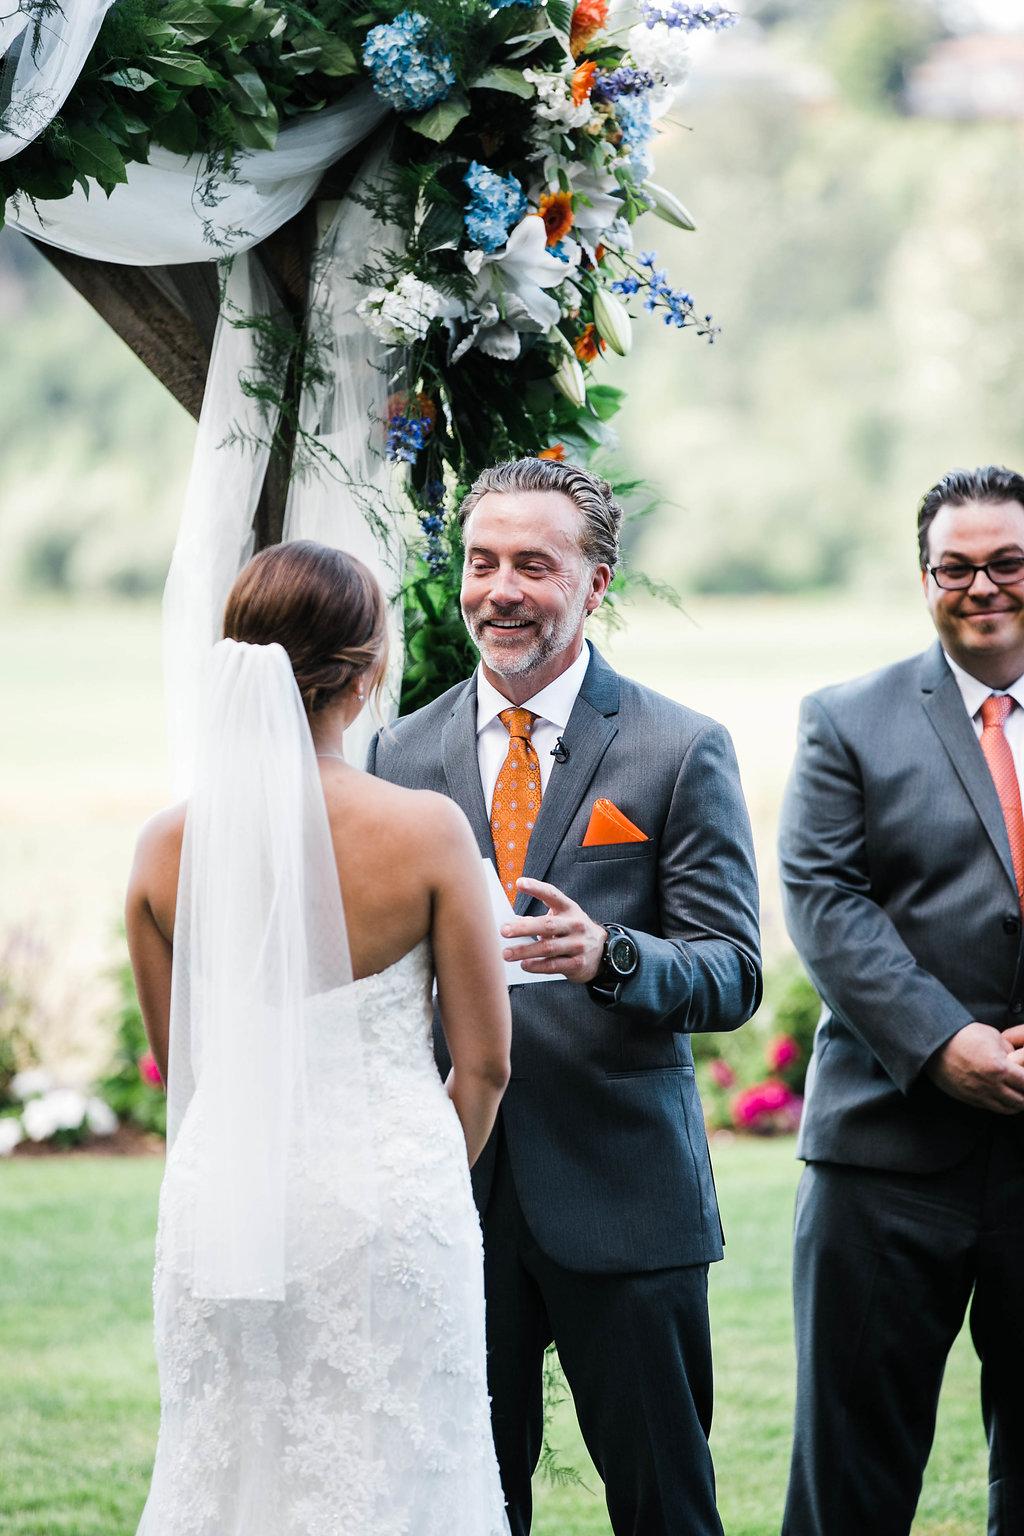 Erin+Tyson_The_Kelley_Farm_Wedding_by_Adina_Preston_Weddings_647.JPG